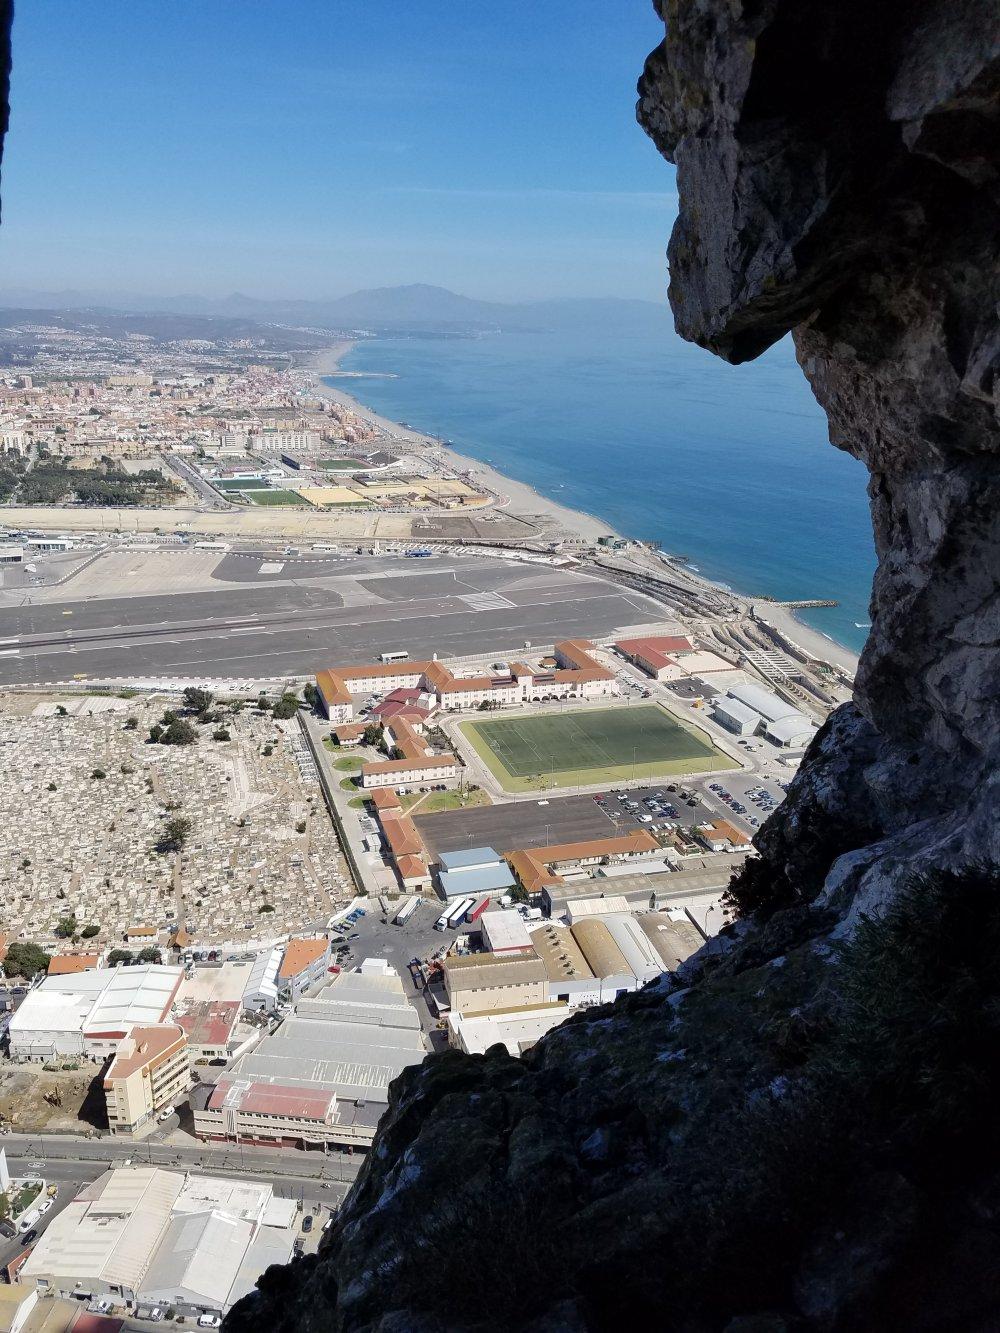 Gibraltar Siege Tunnels View